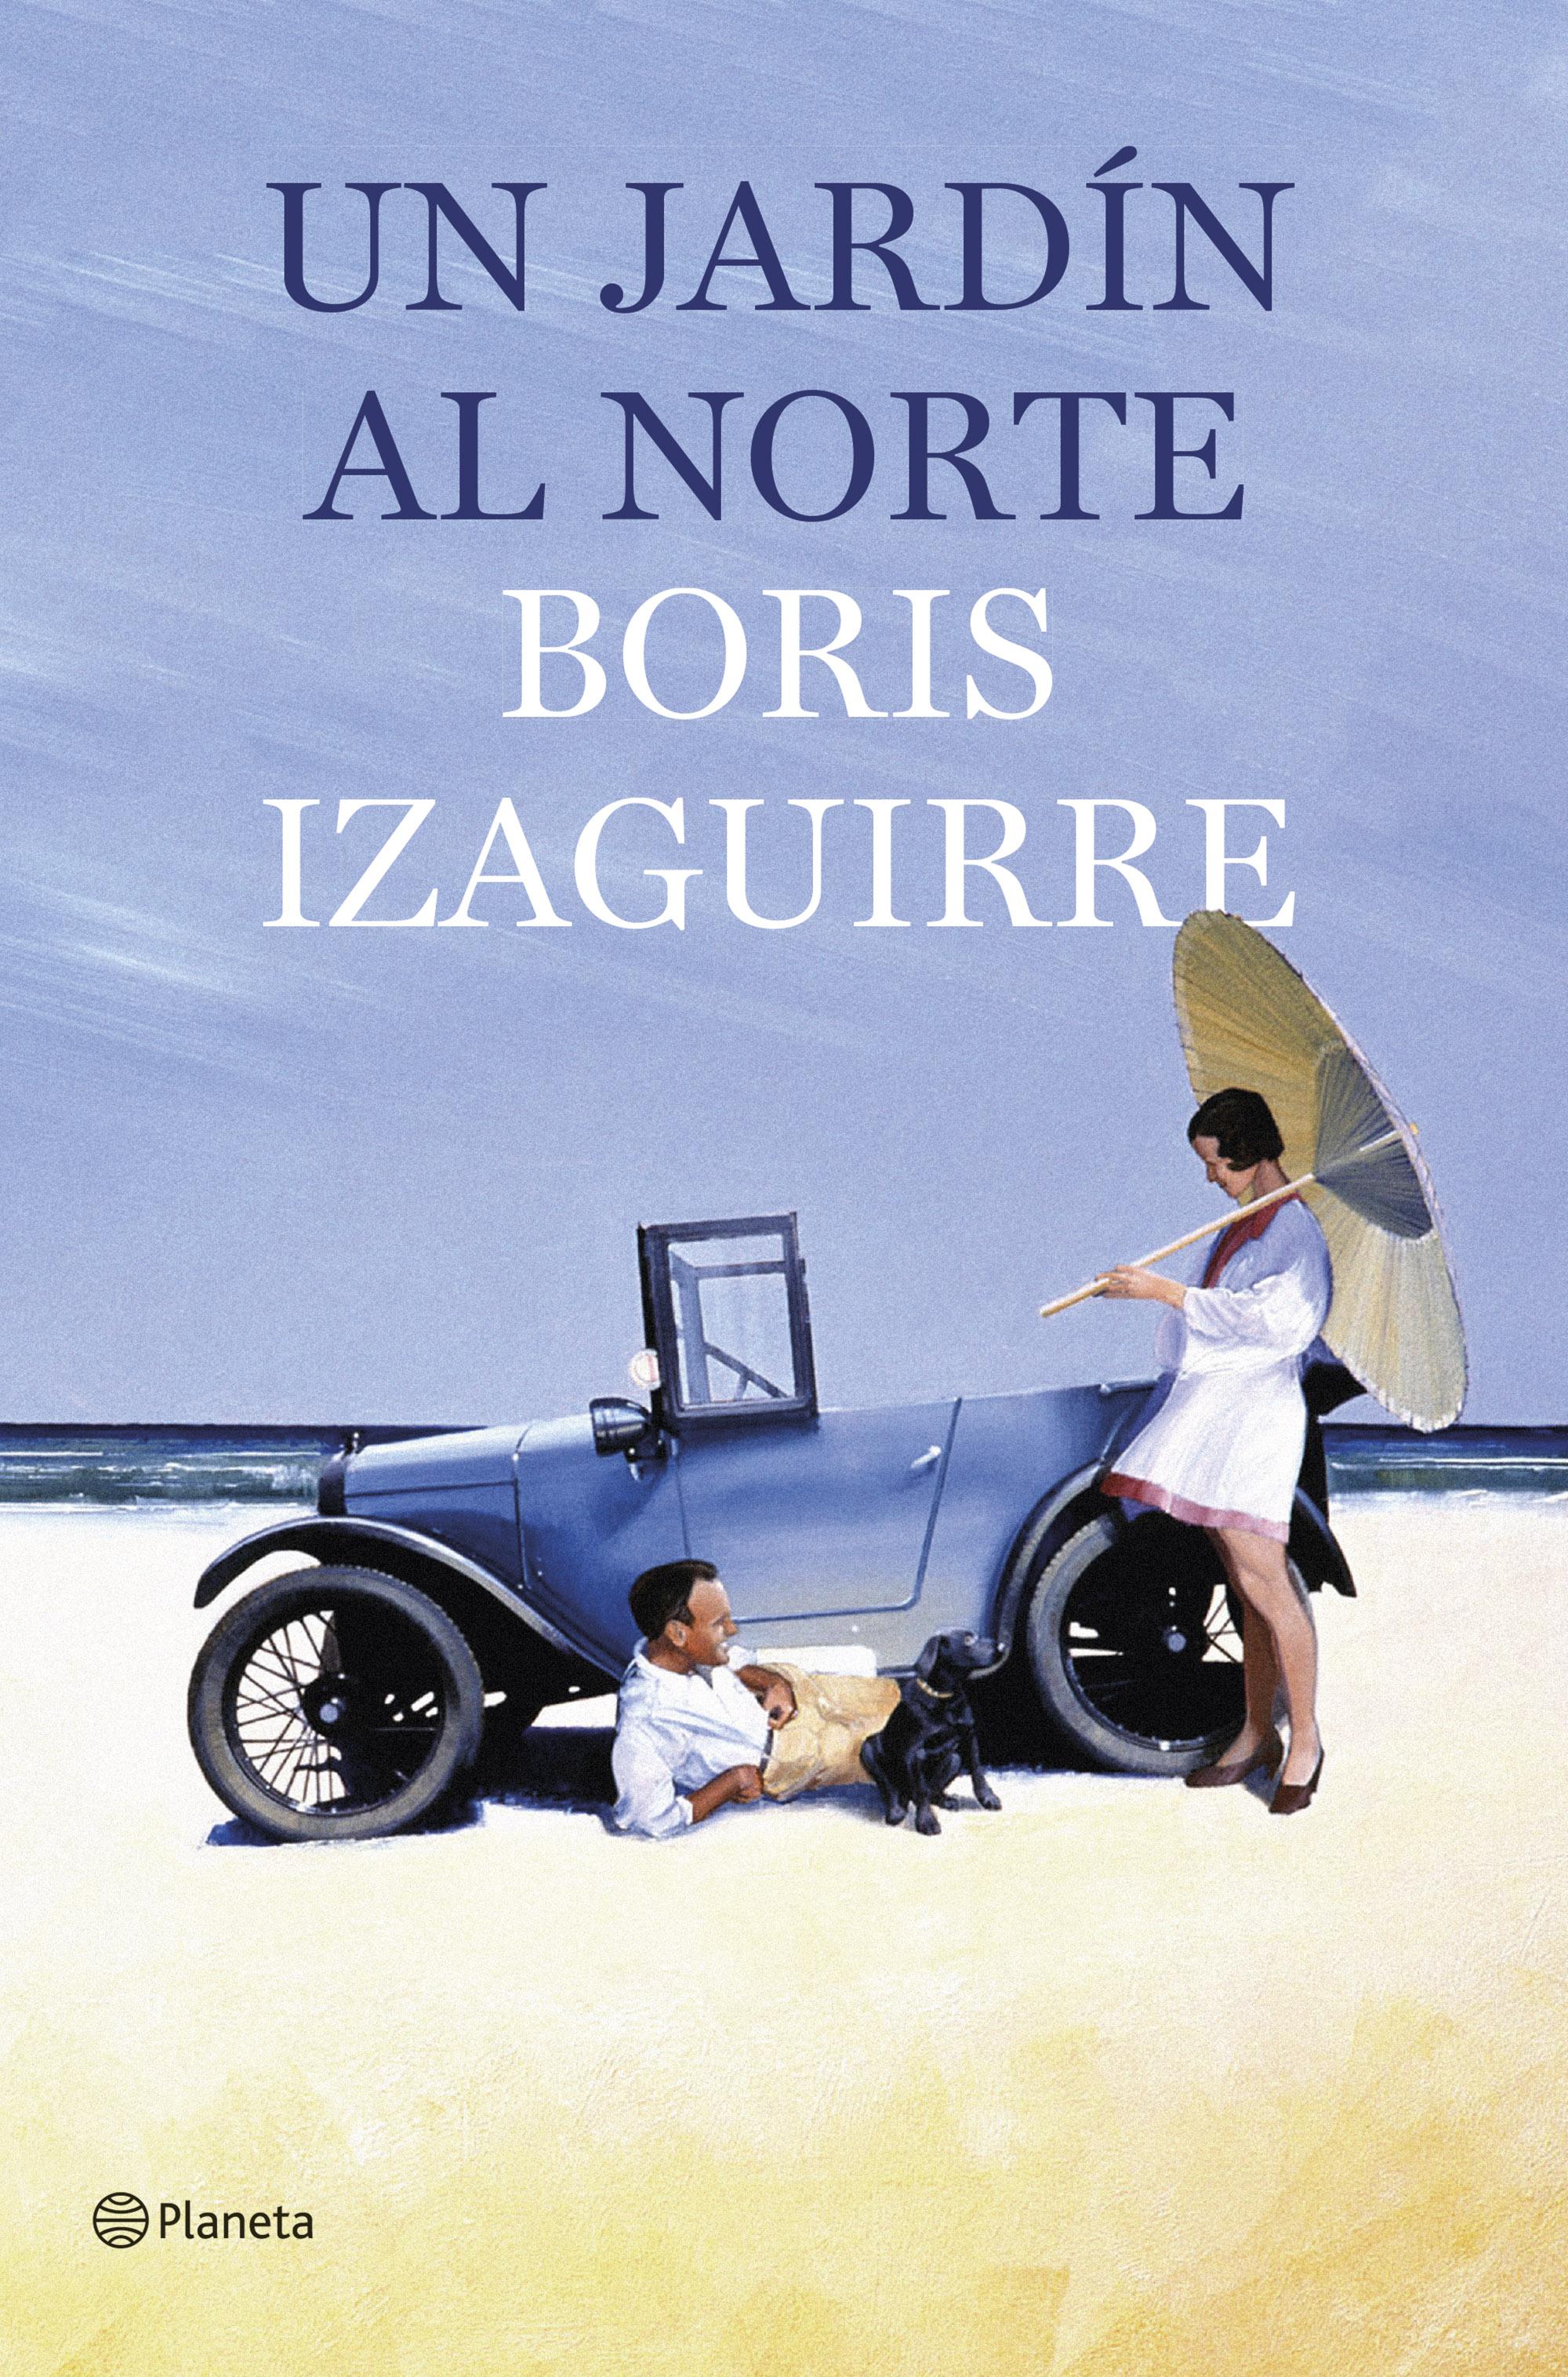 Novedad Diciembre: 'Un jardín al norte' de Boris Izaguirre